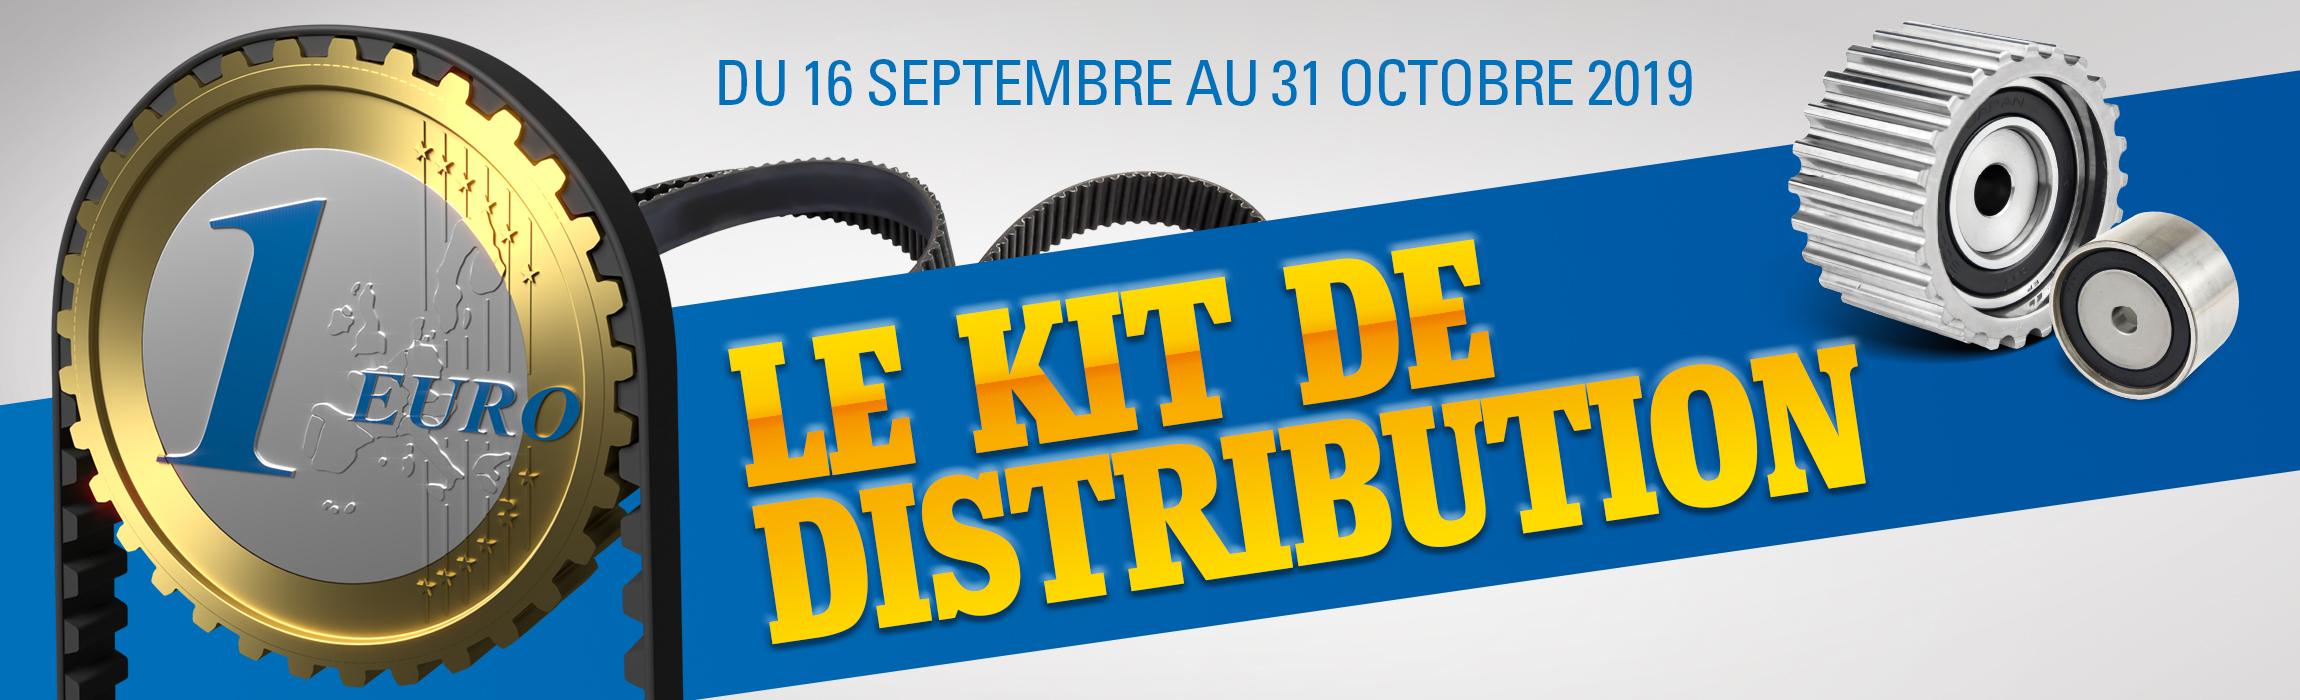 Le kit de distribution à 1€